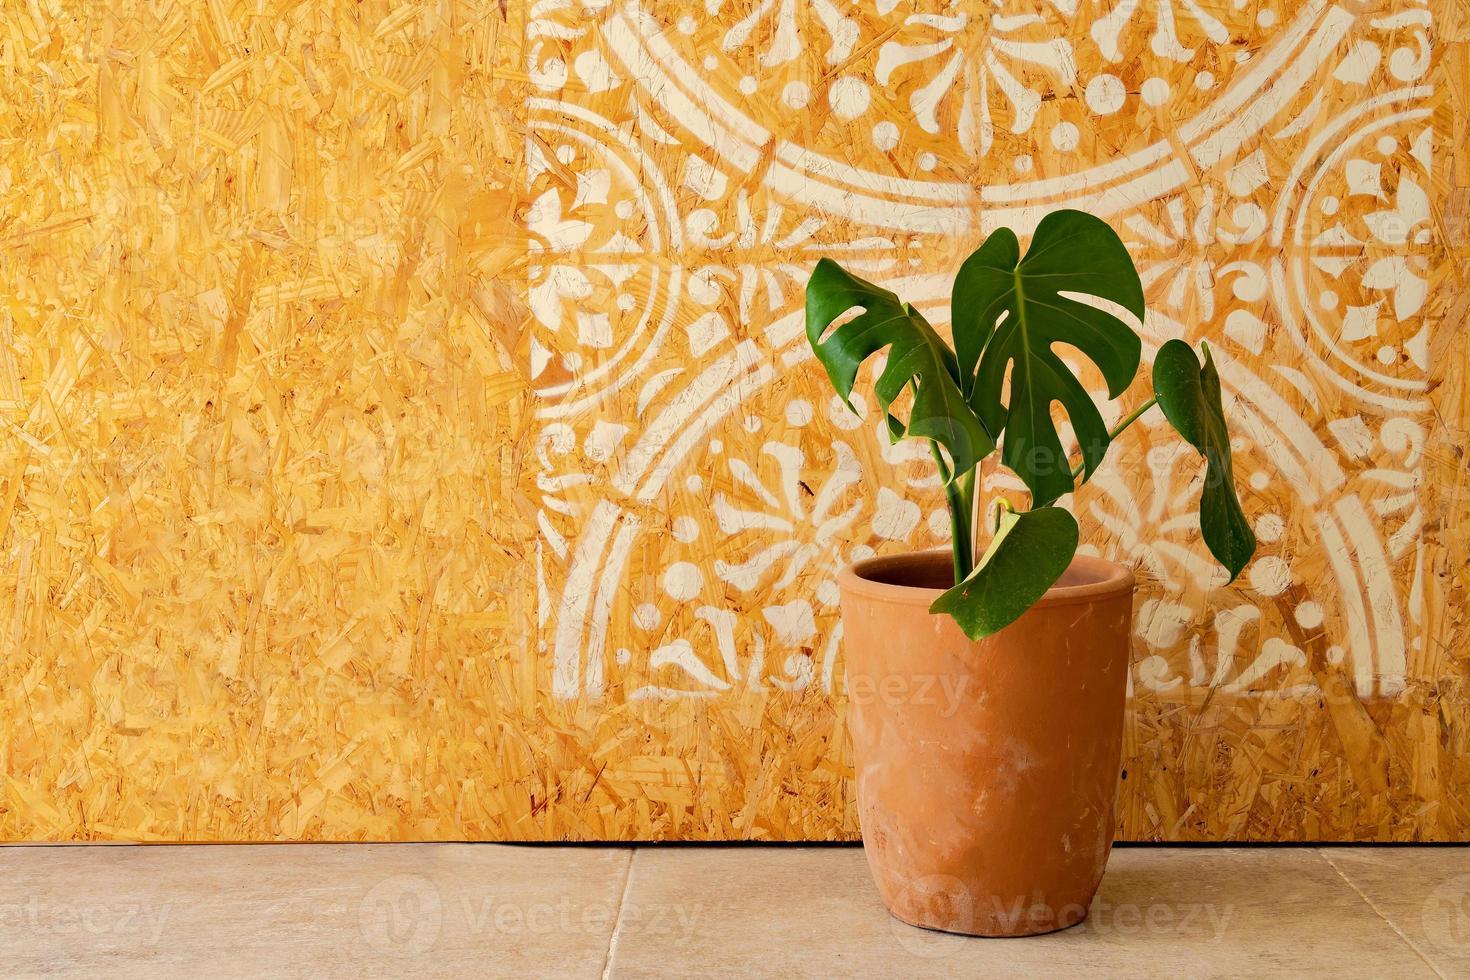 Zimmerpflanze in einem Topf mit Mandala-Bild an der Holzwand foto